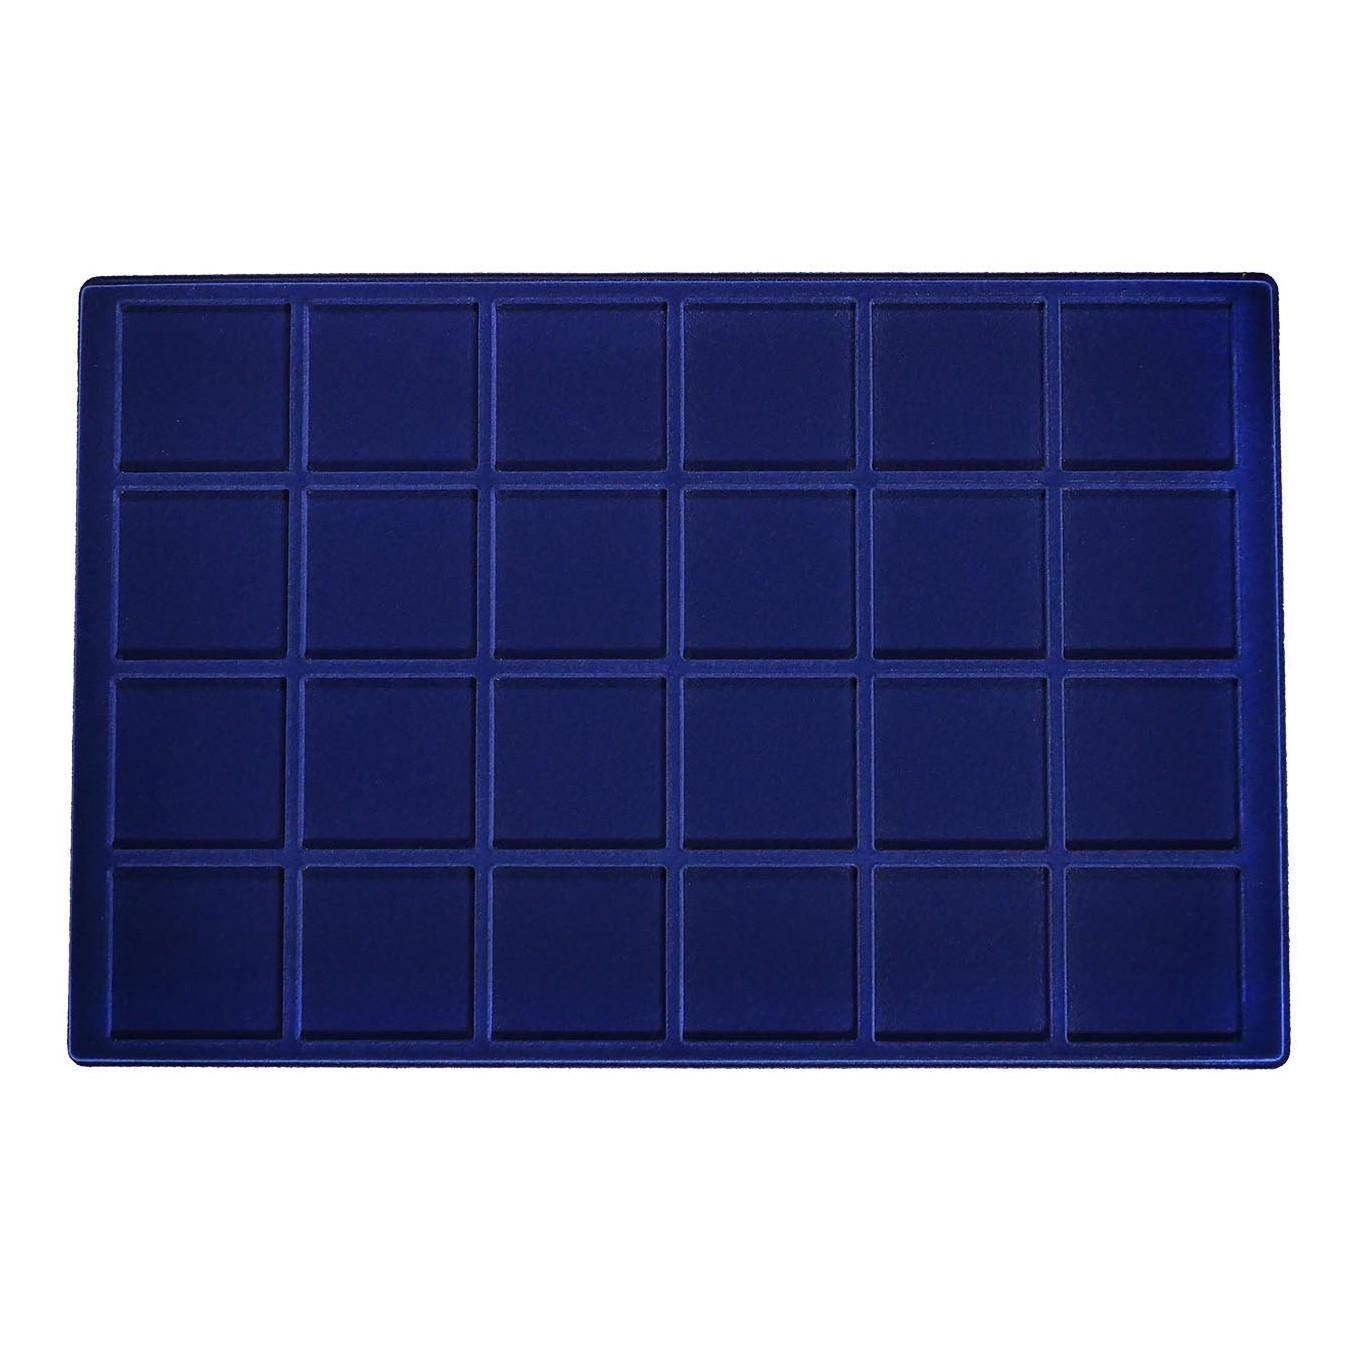 Ripiano Standard - Modello Floccato blu 24 caselle